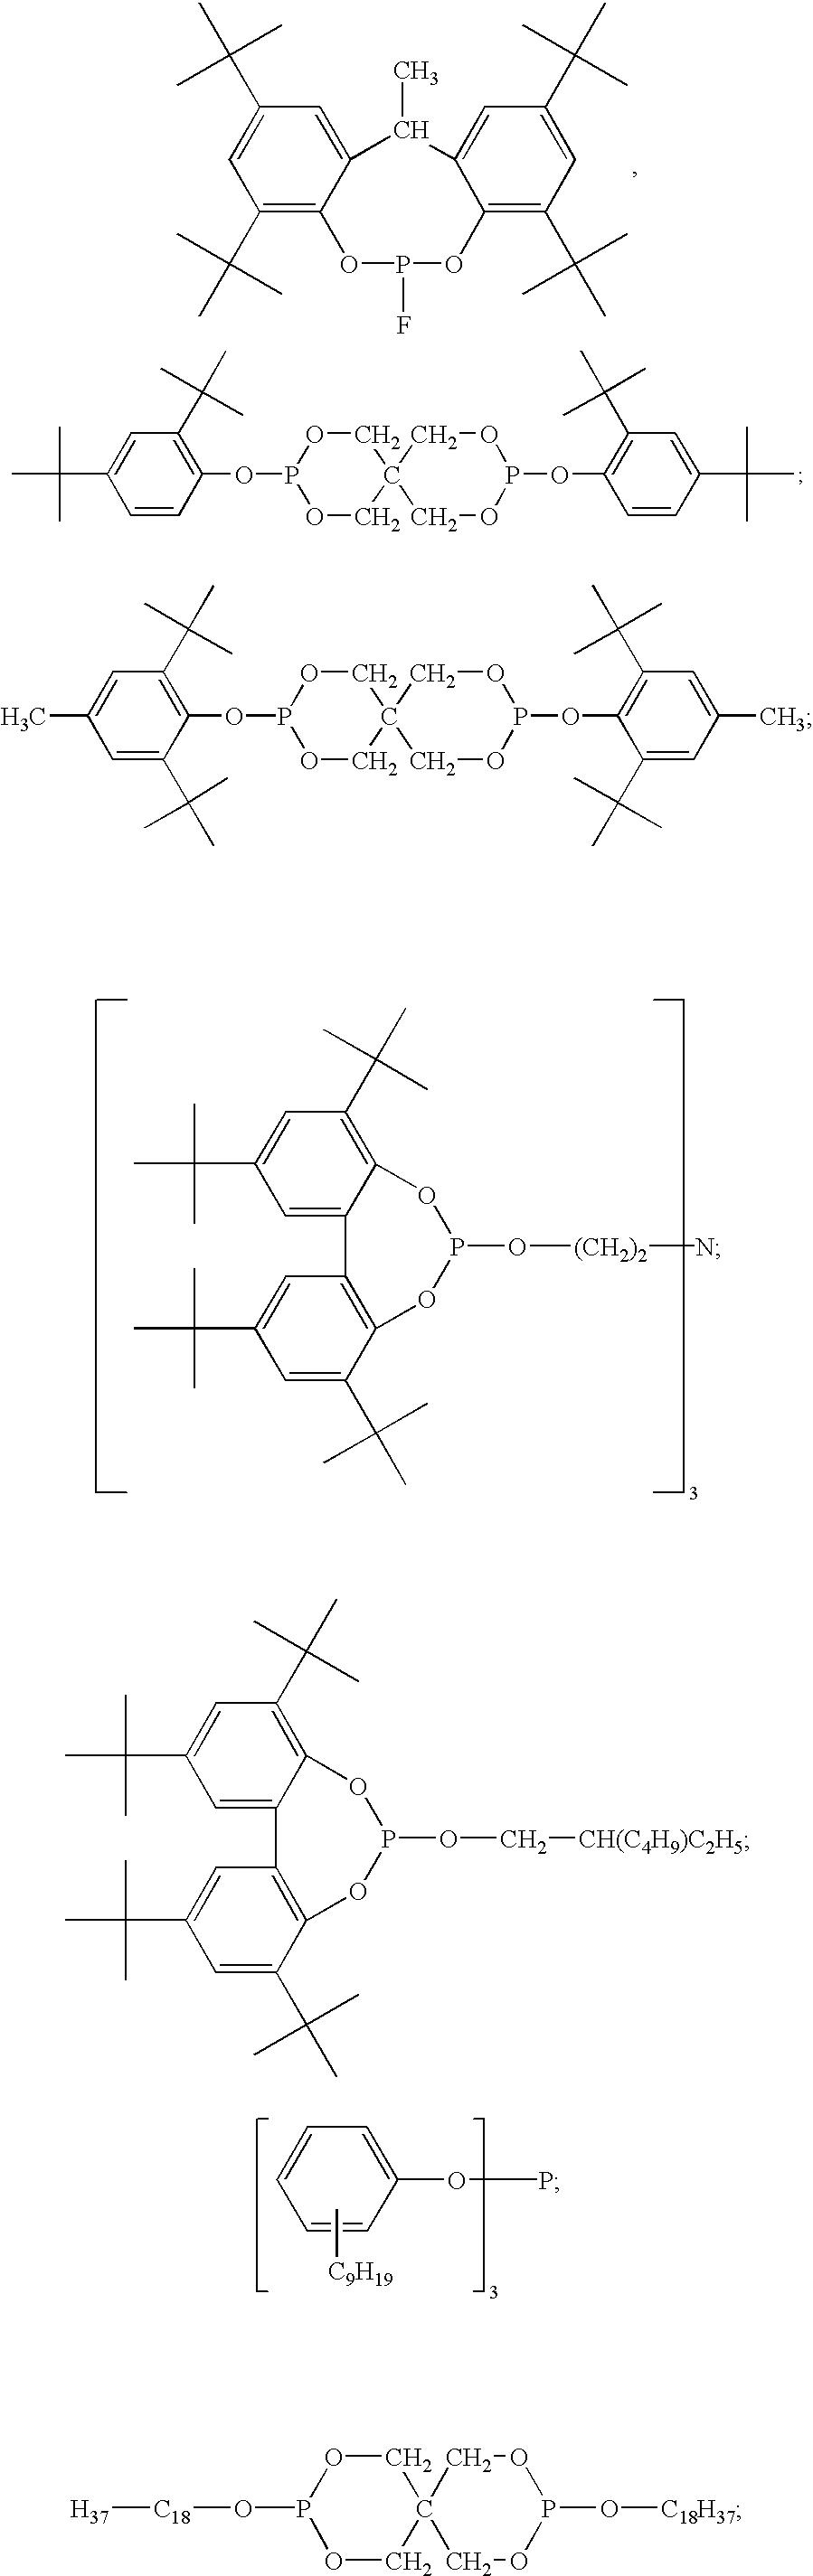 Figure US06593403-20030715-C00027